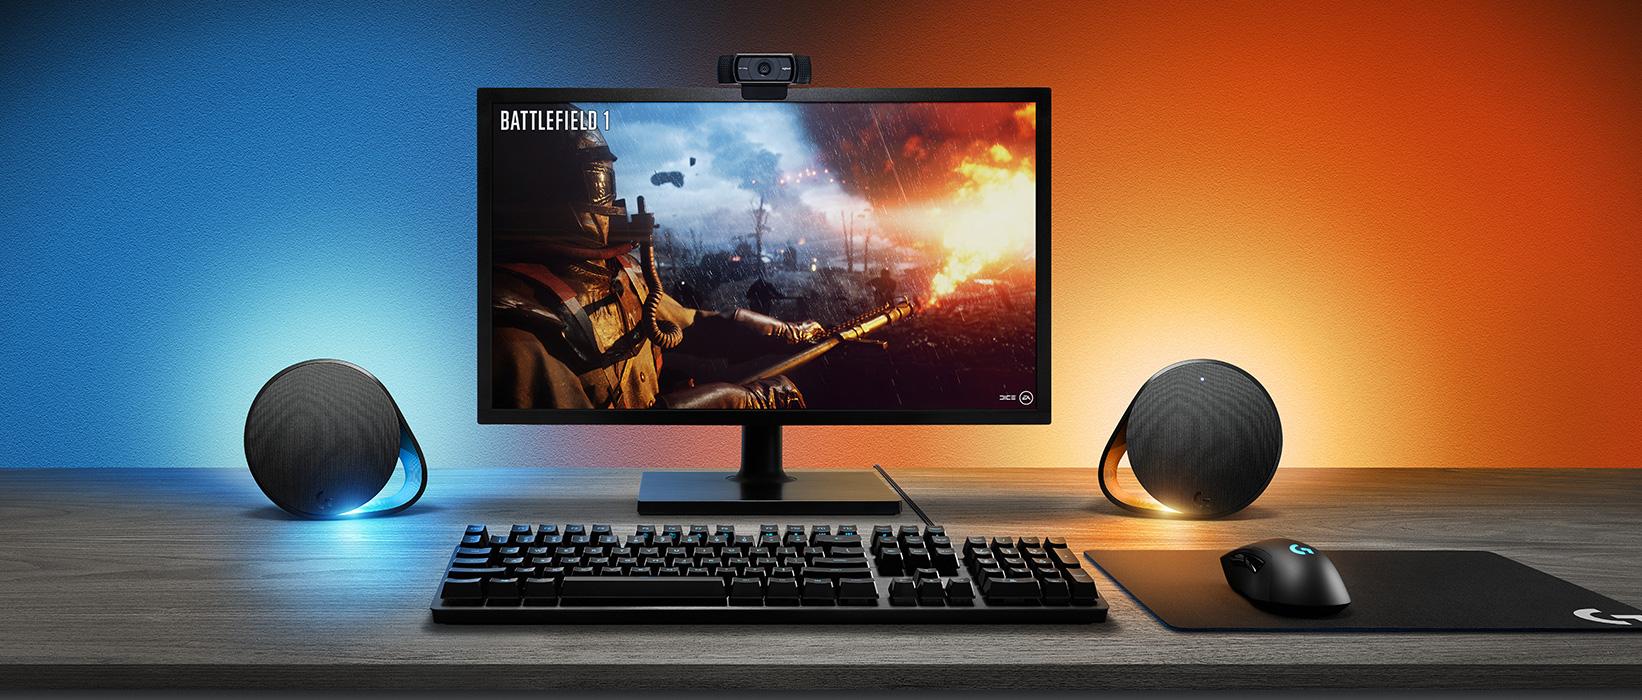 Új PC Gaming hangszóró és LIGHTSYNC-kel kiegészített mechanikus billentyűzetet a Logitechtől